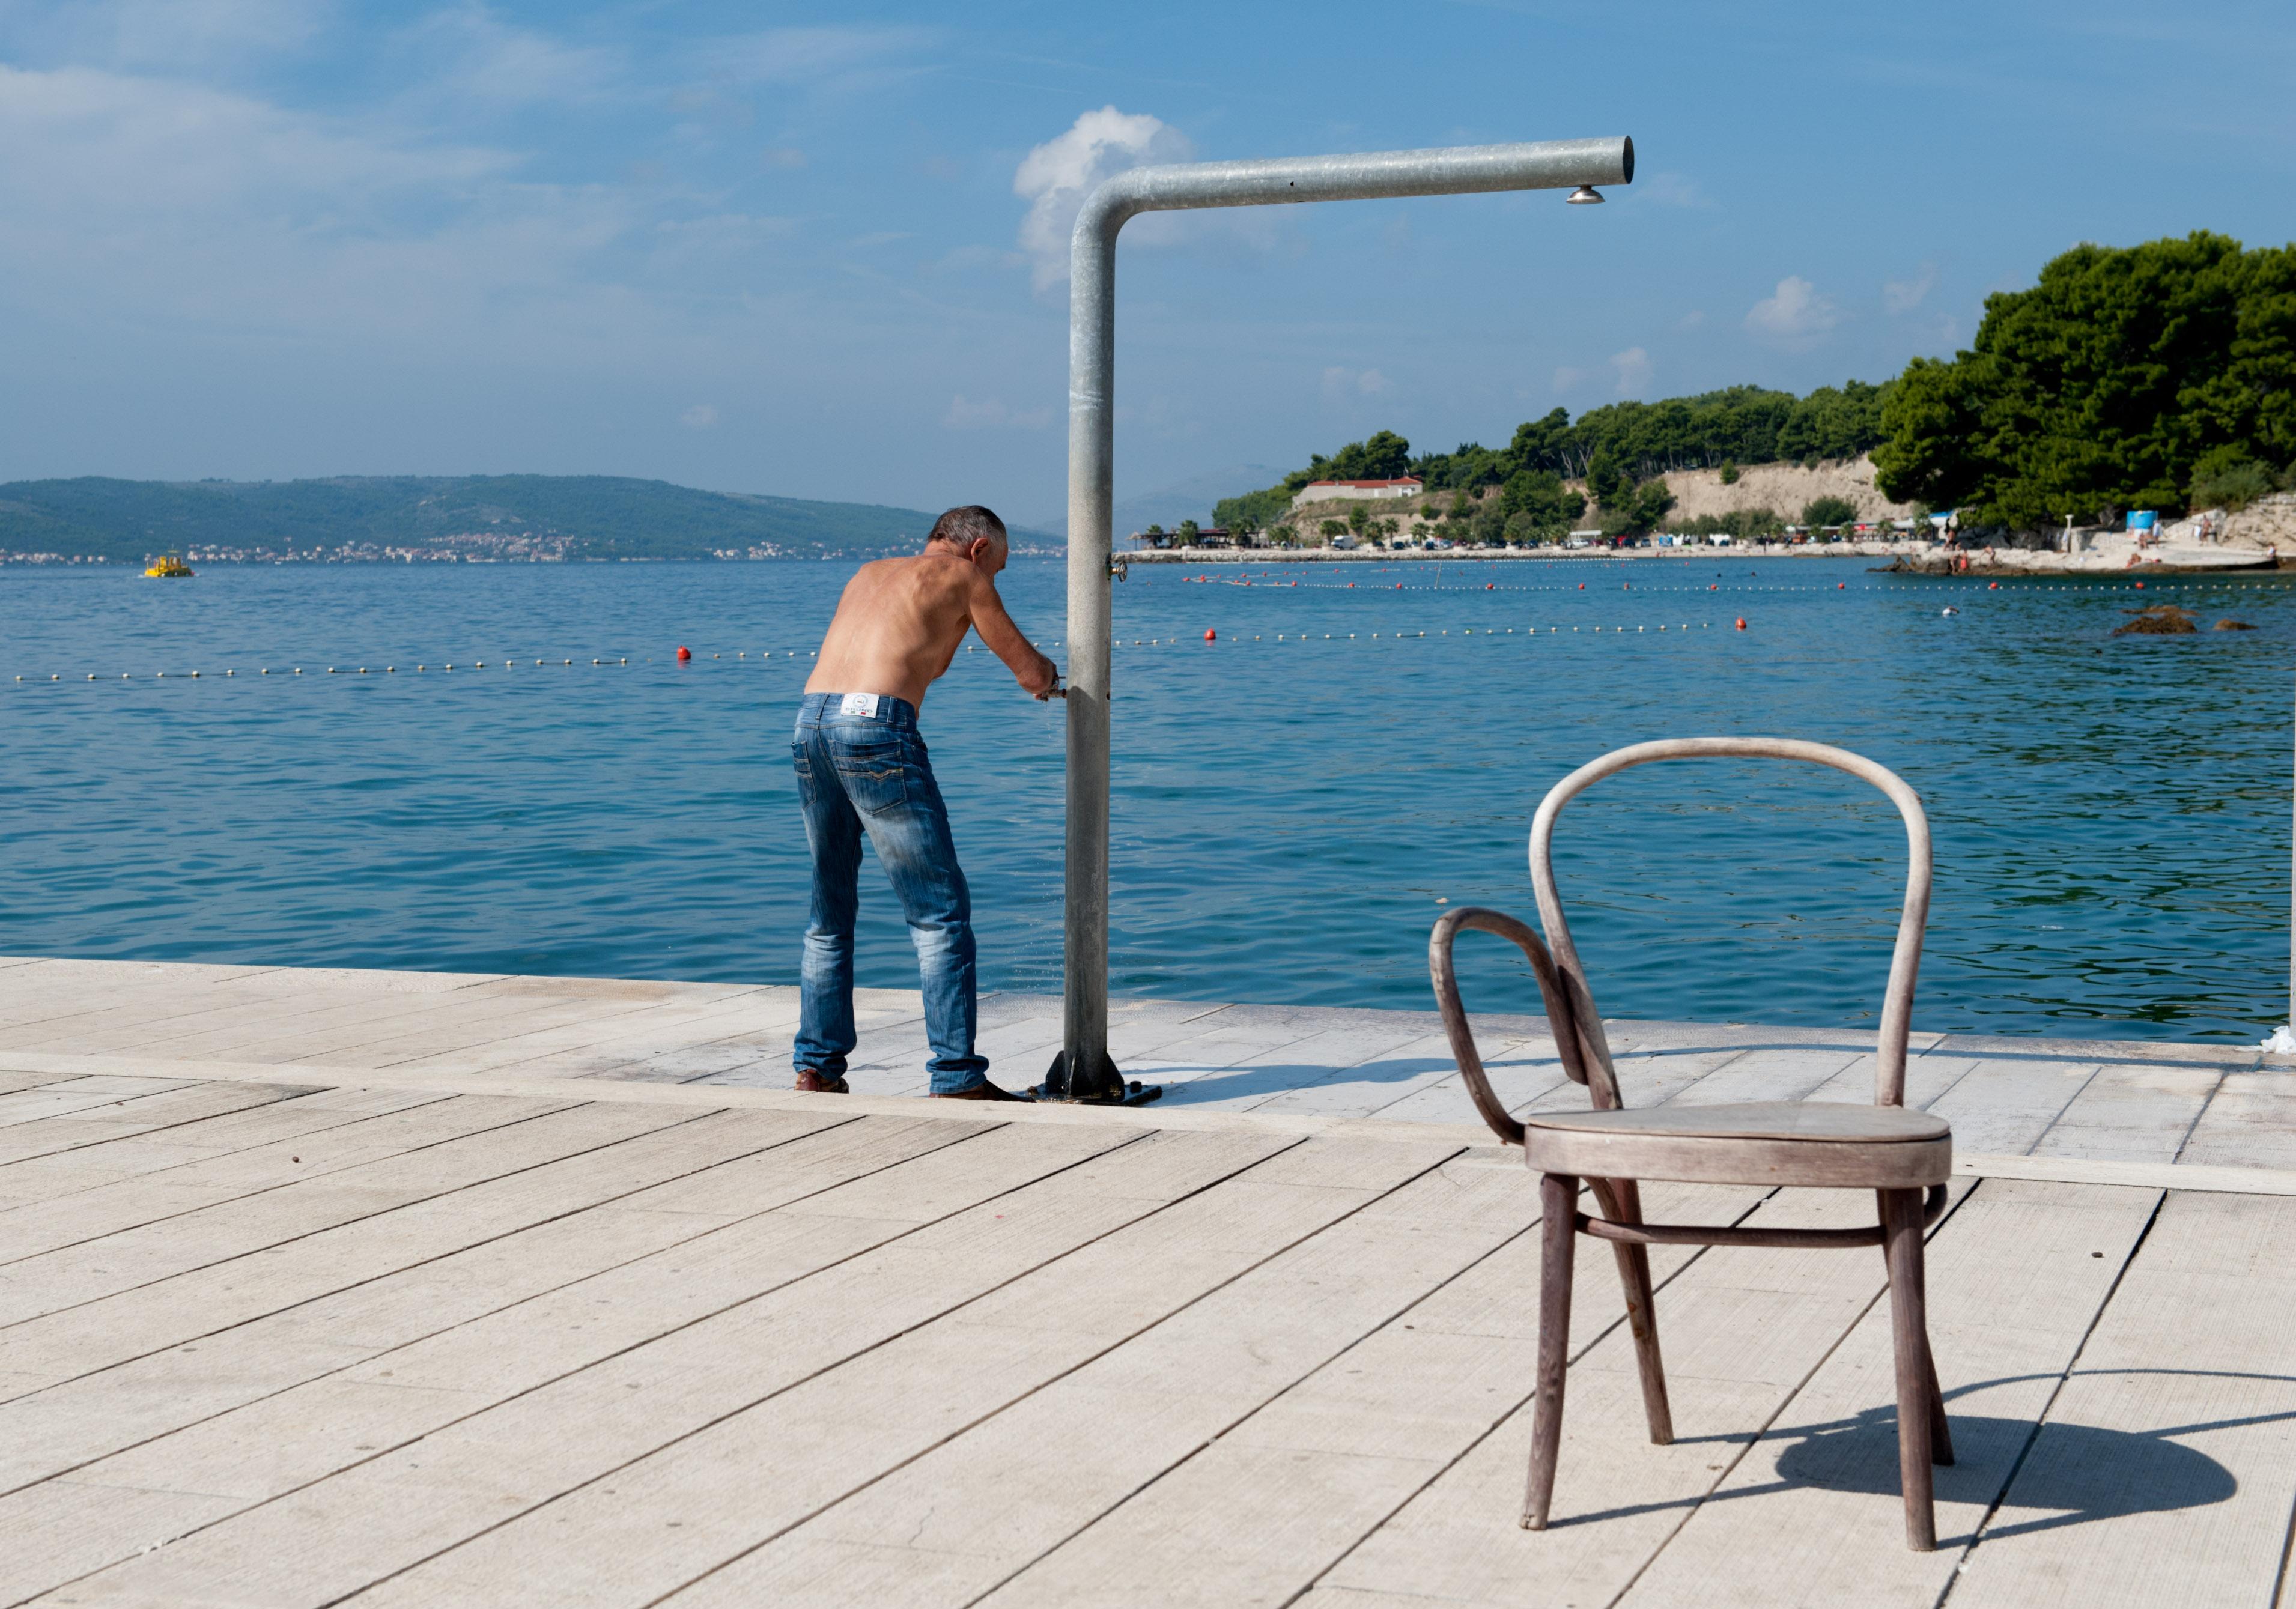 0435-Split - Jadran Balunjeri club house (Dalmatie centrale)